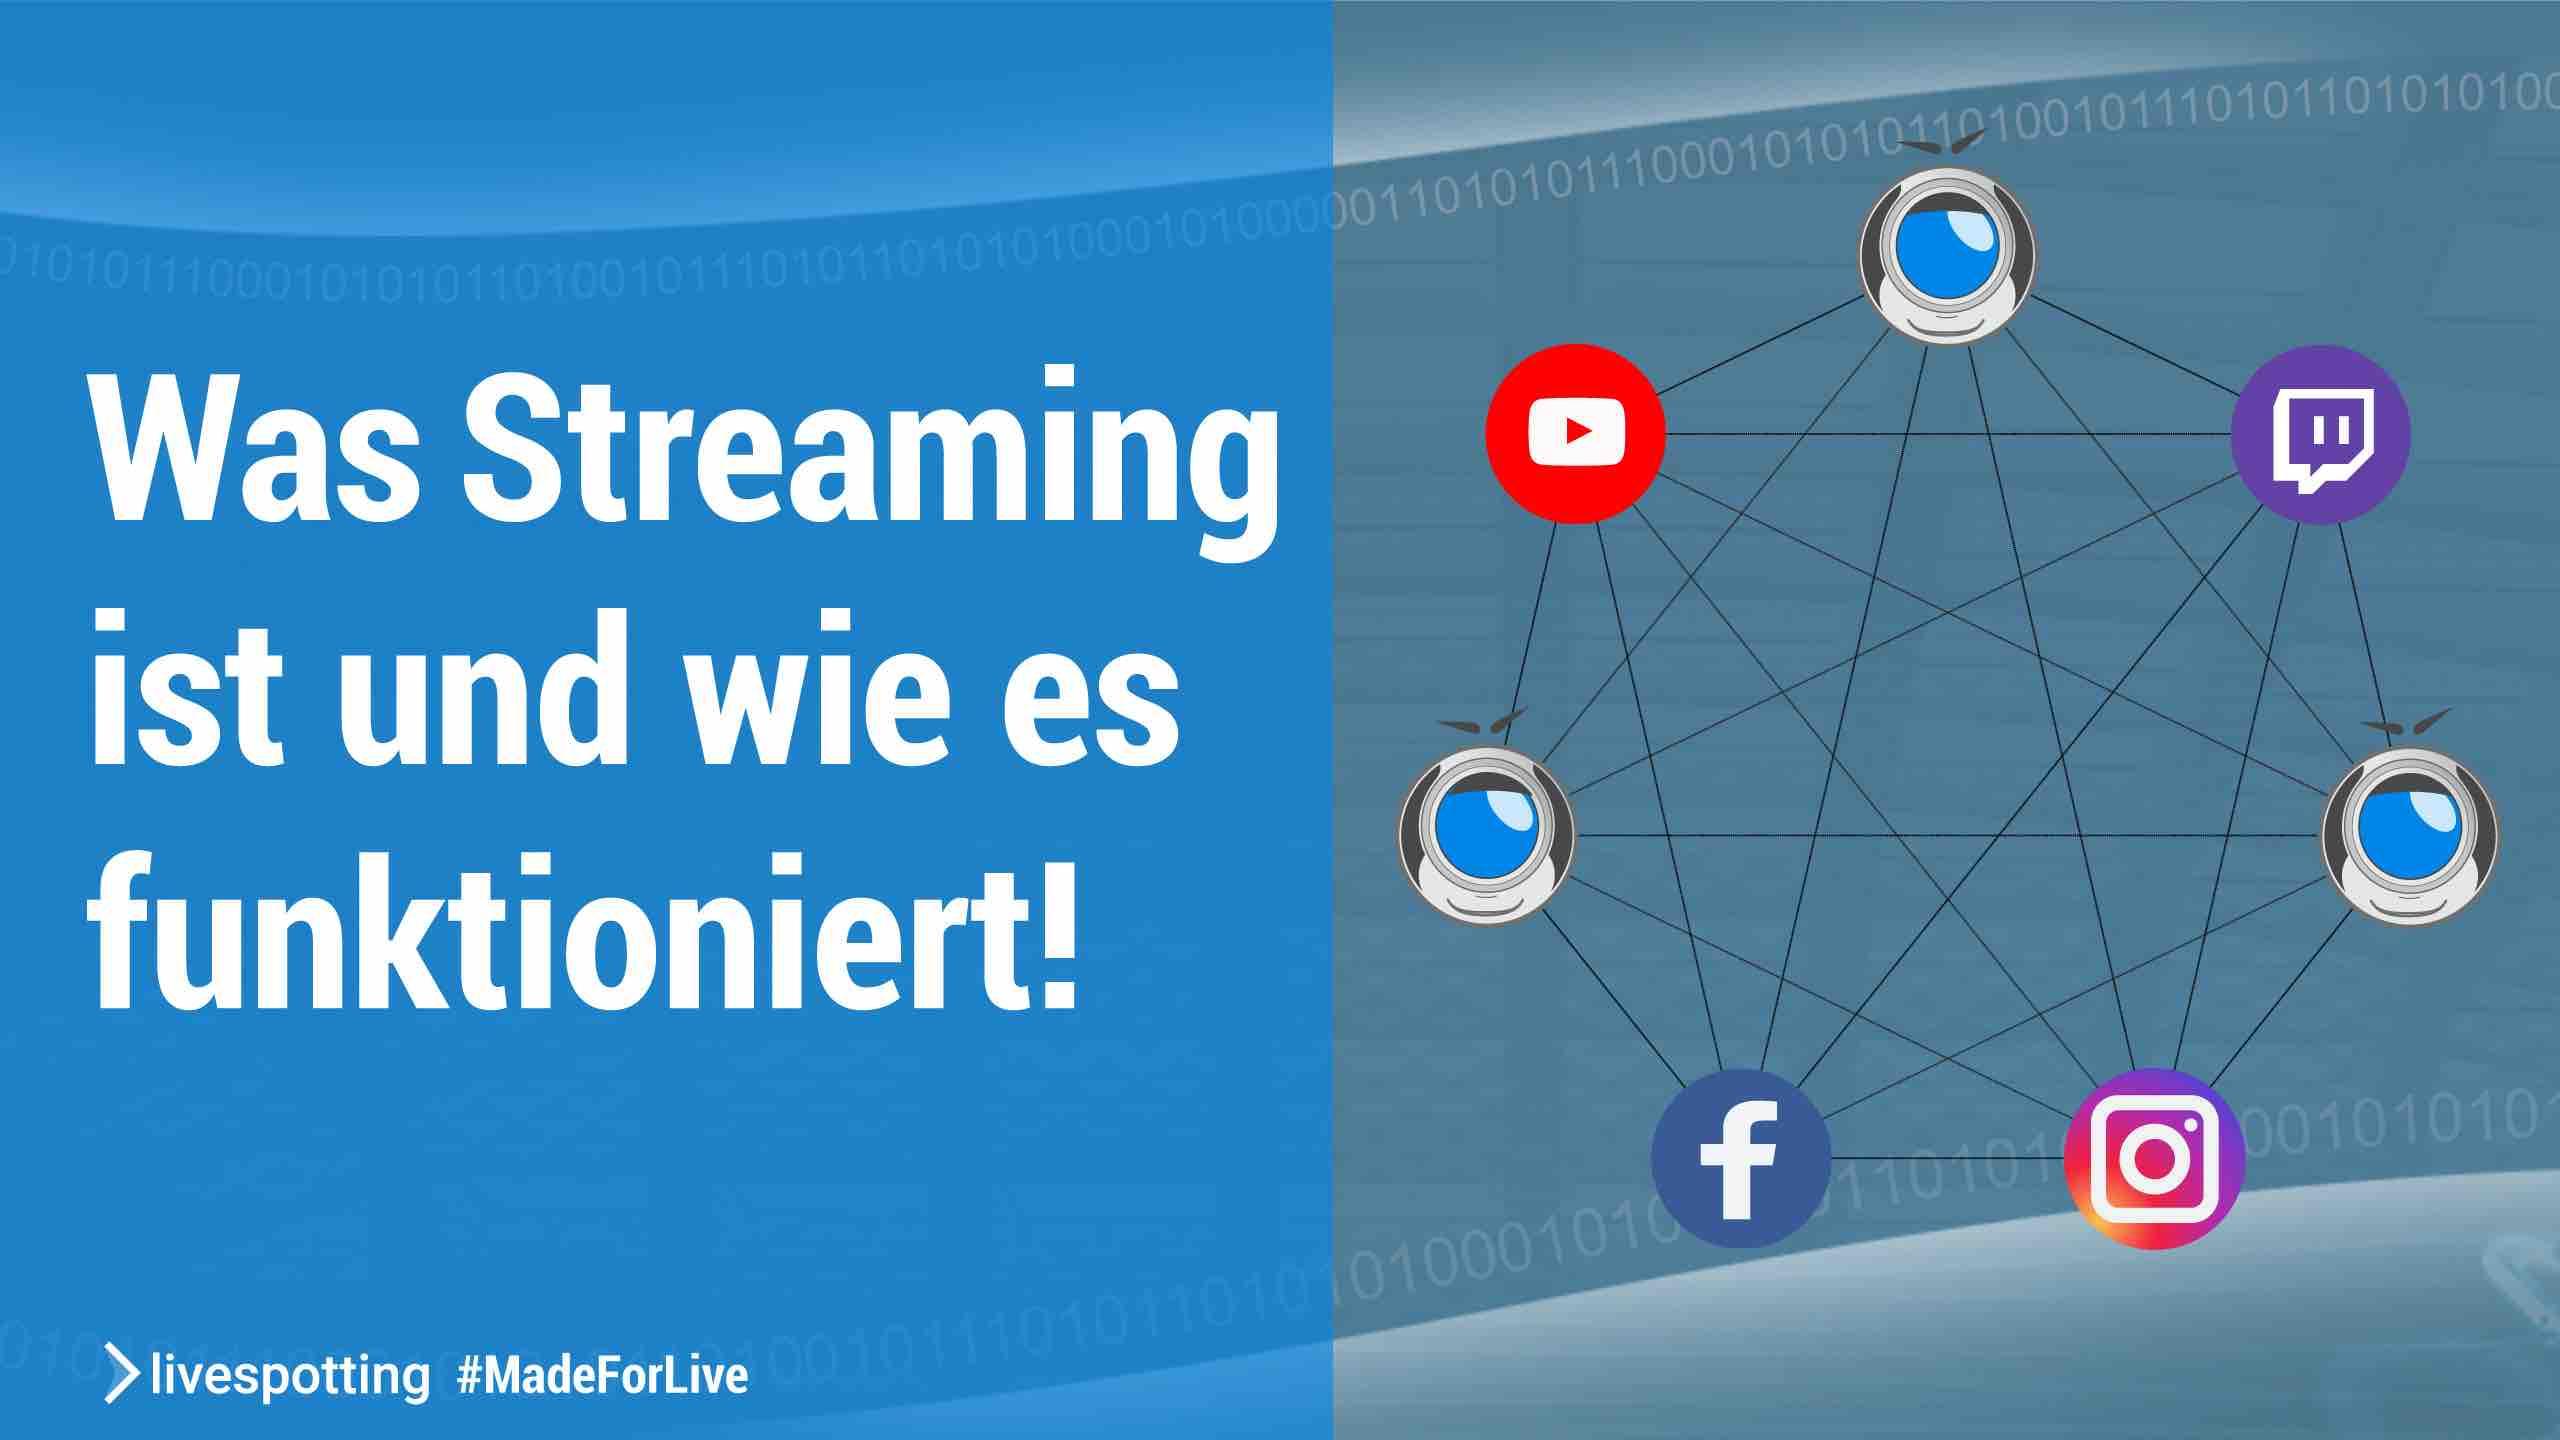 Was Streaming ist und wie es funktioniert!